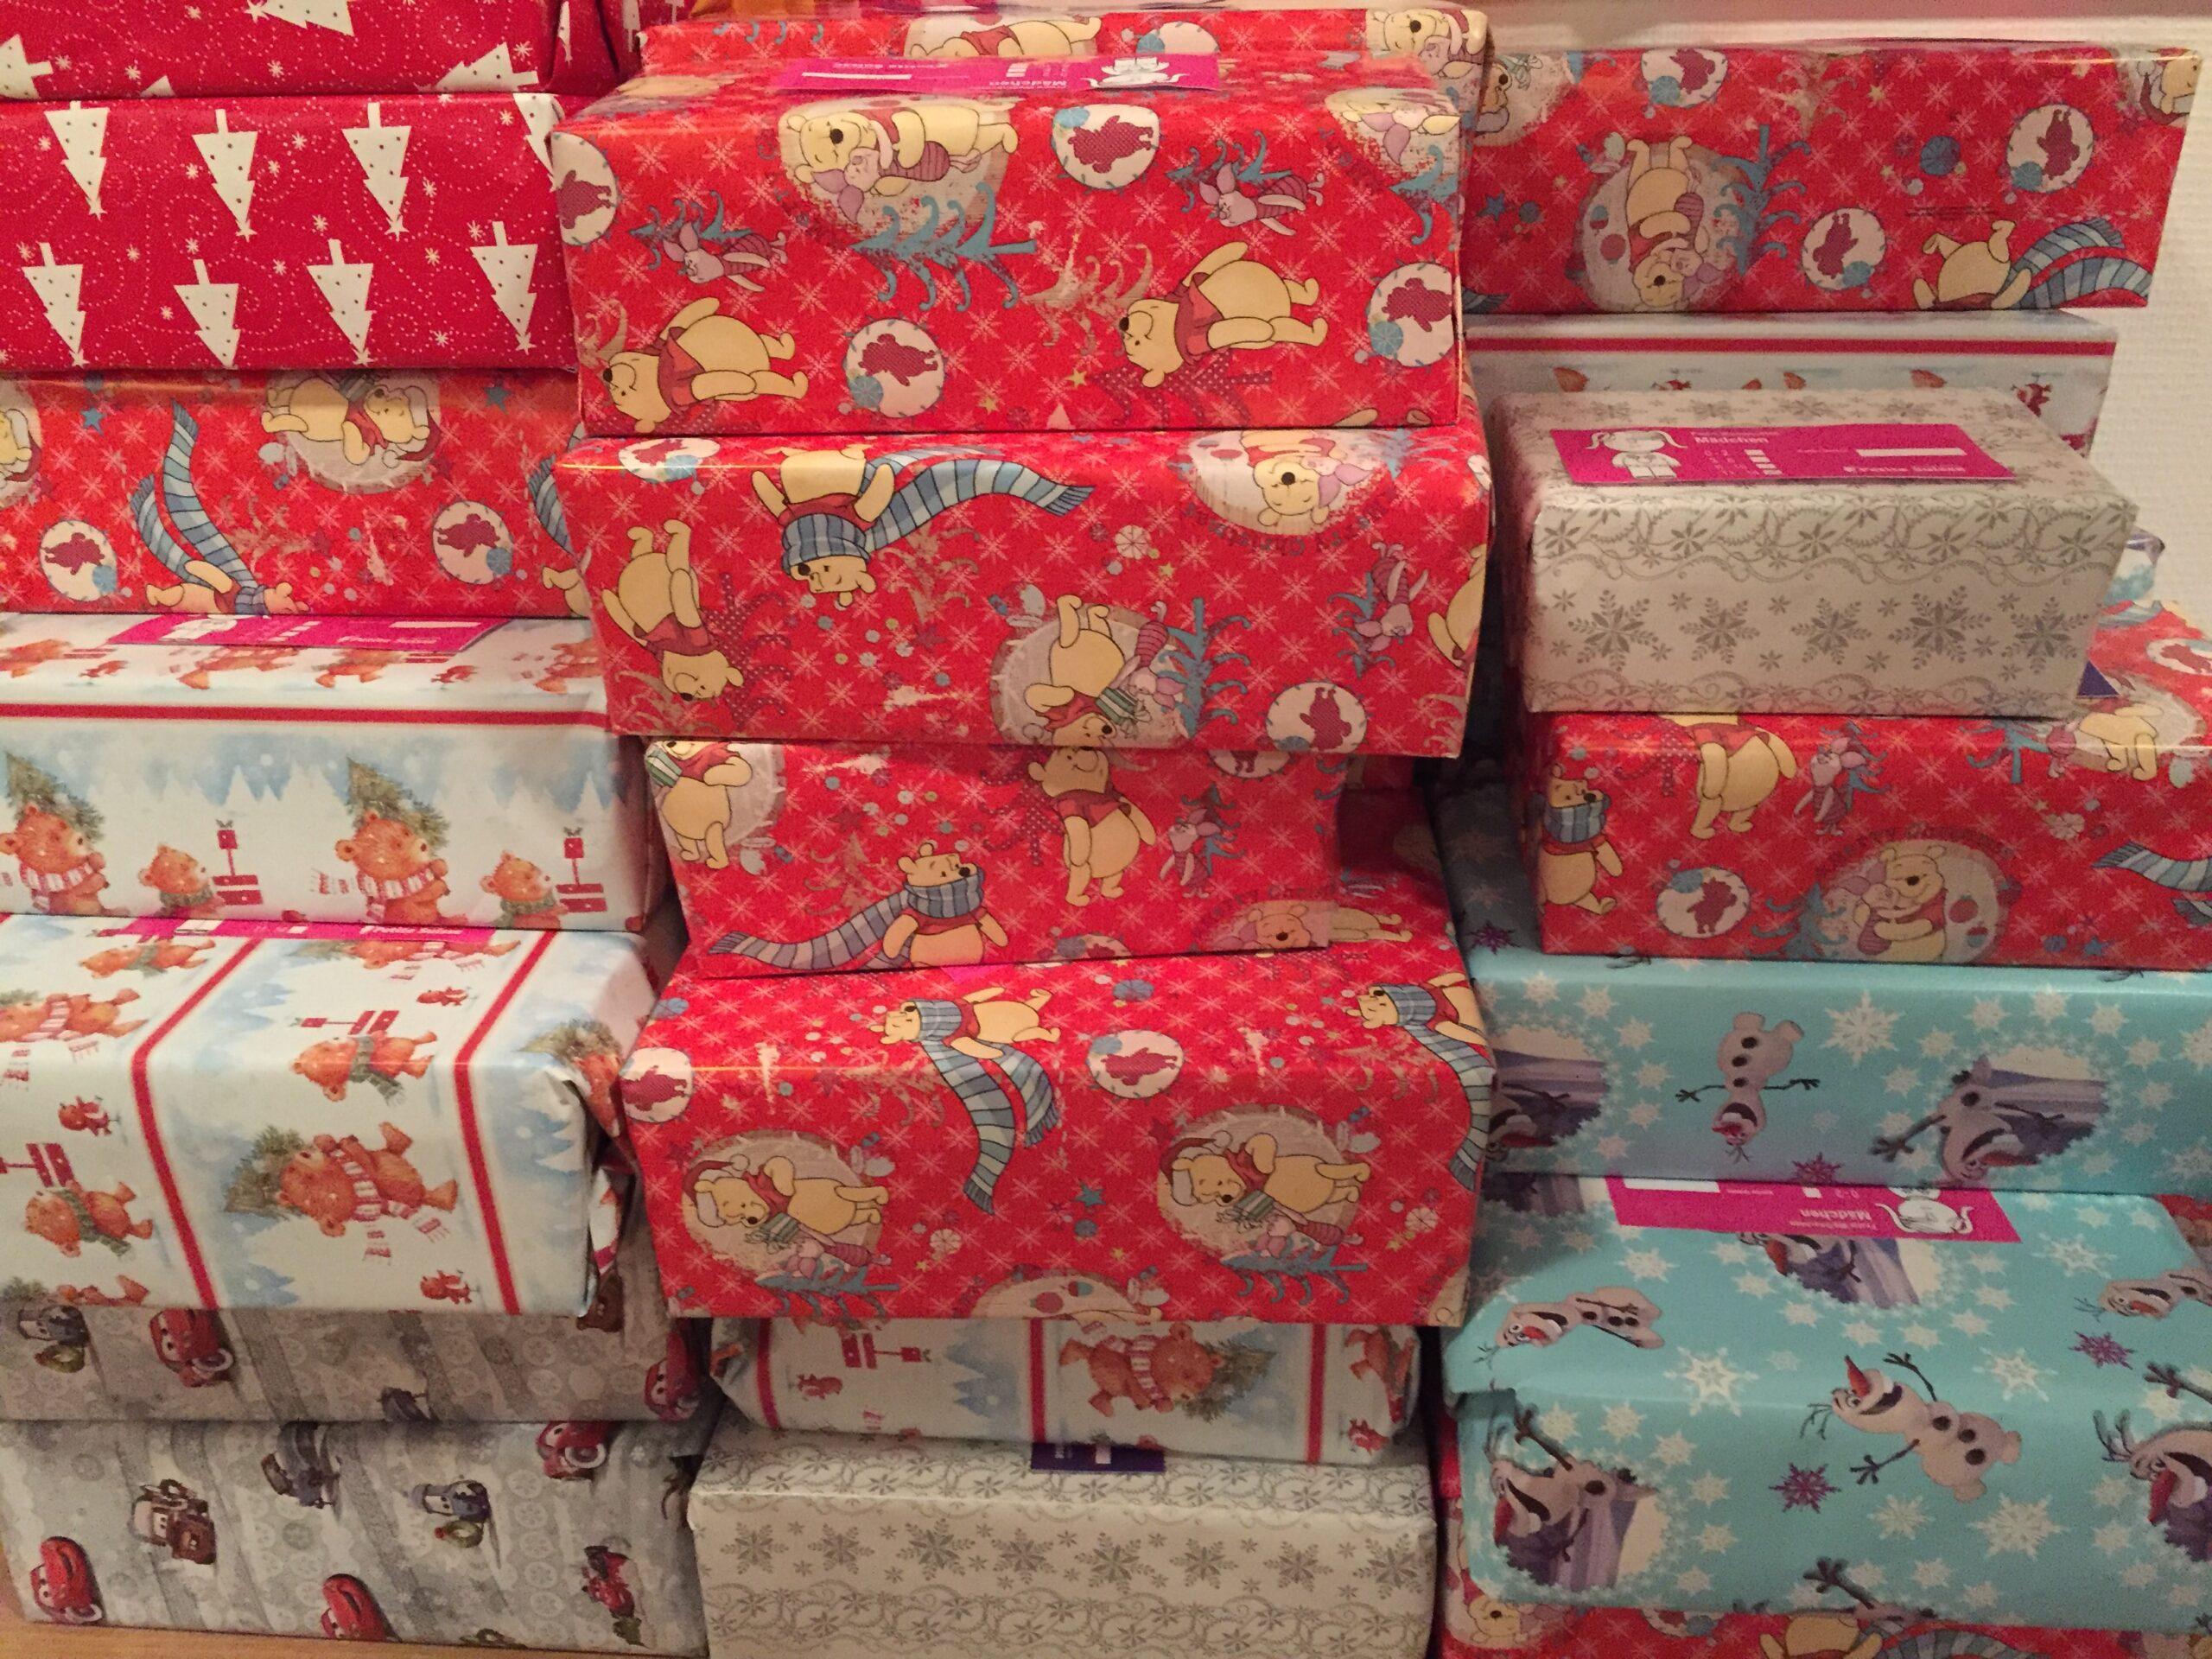 Engel verschenken Weihnachtspakete